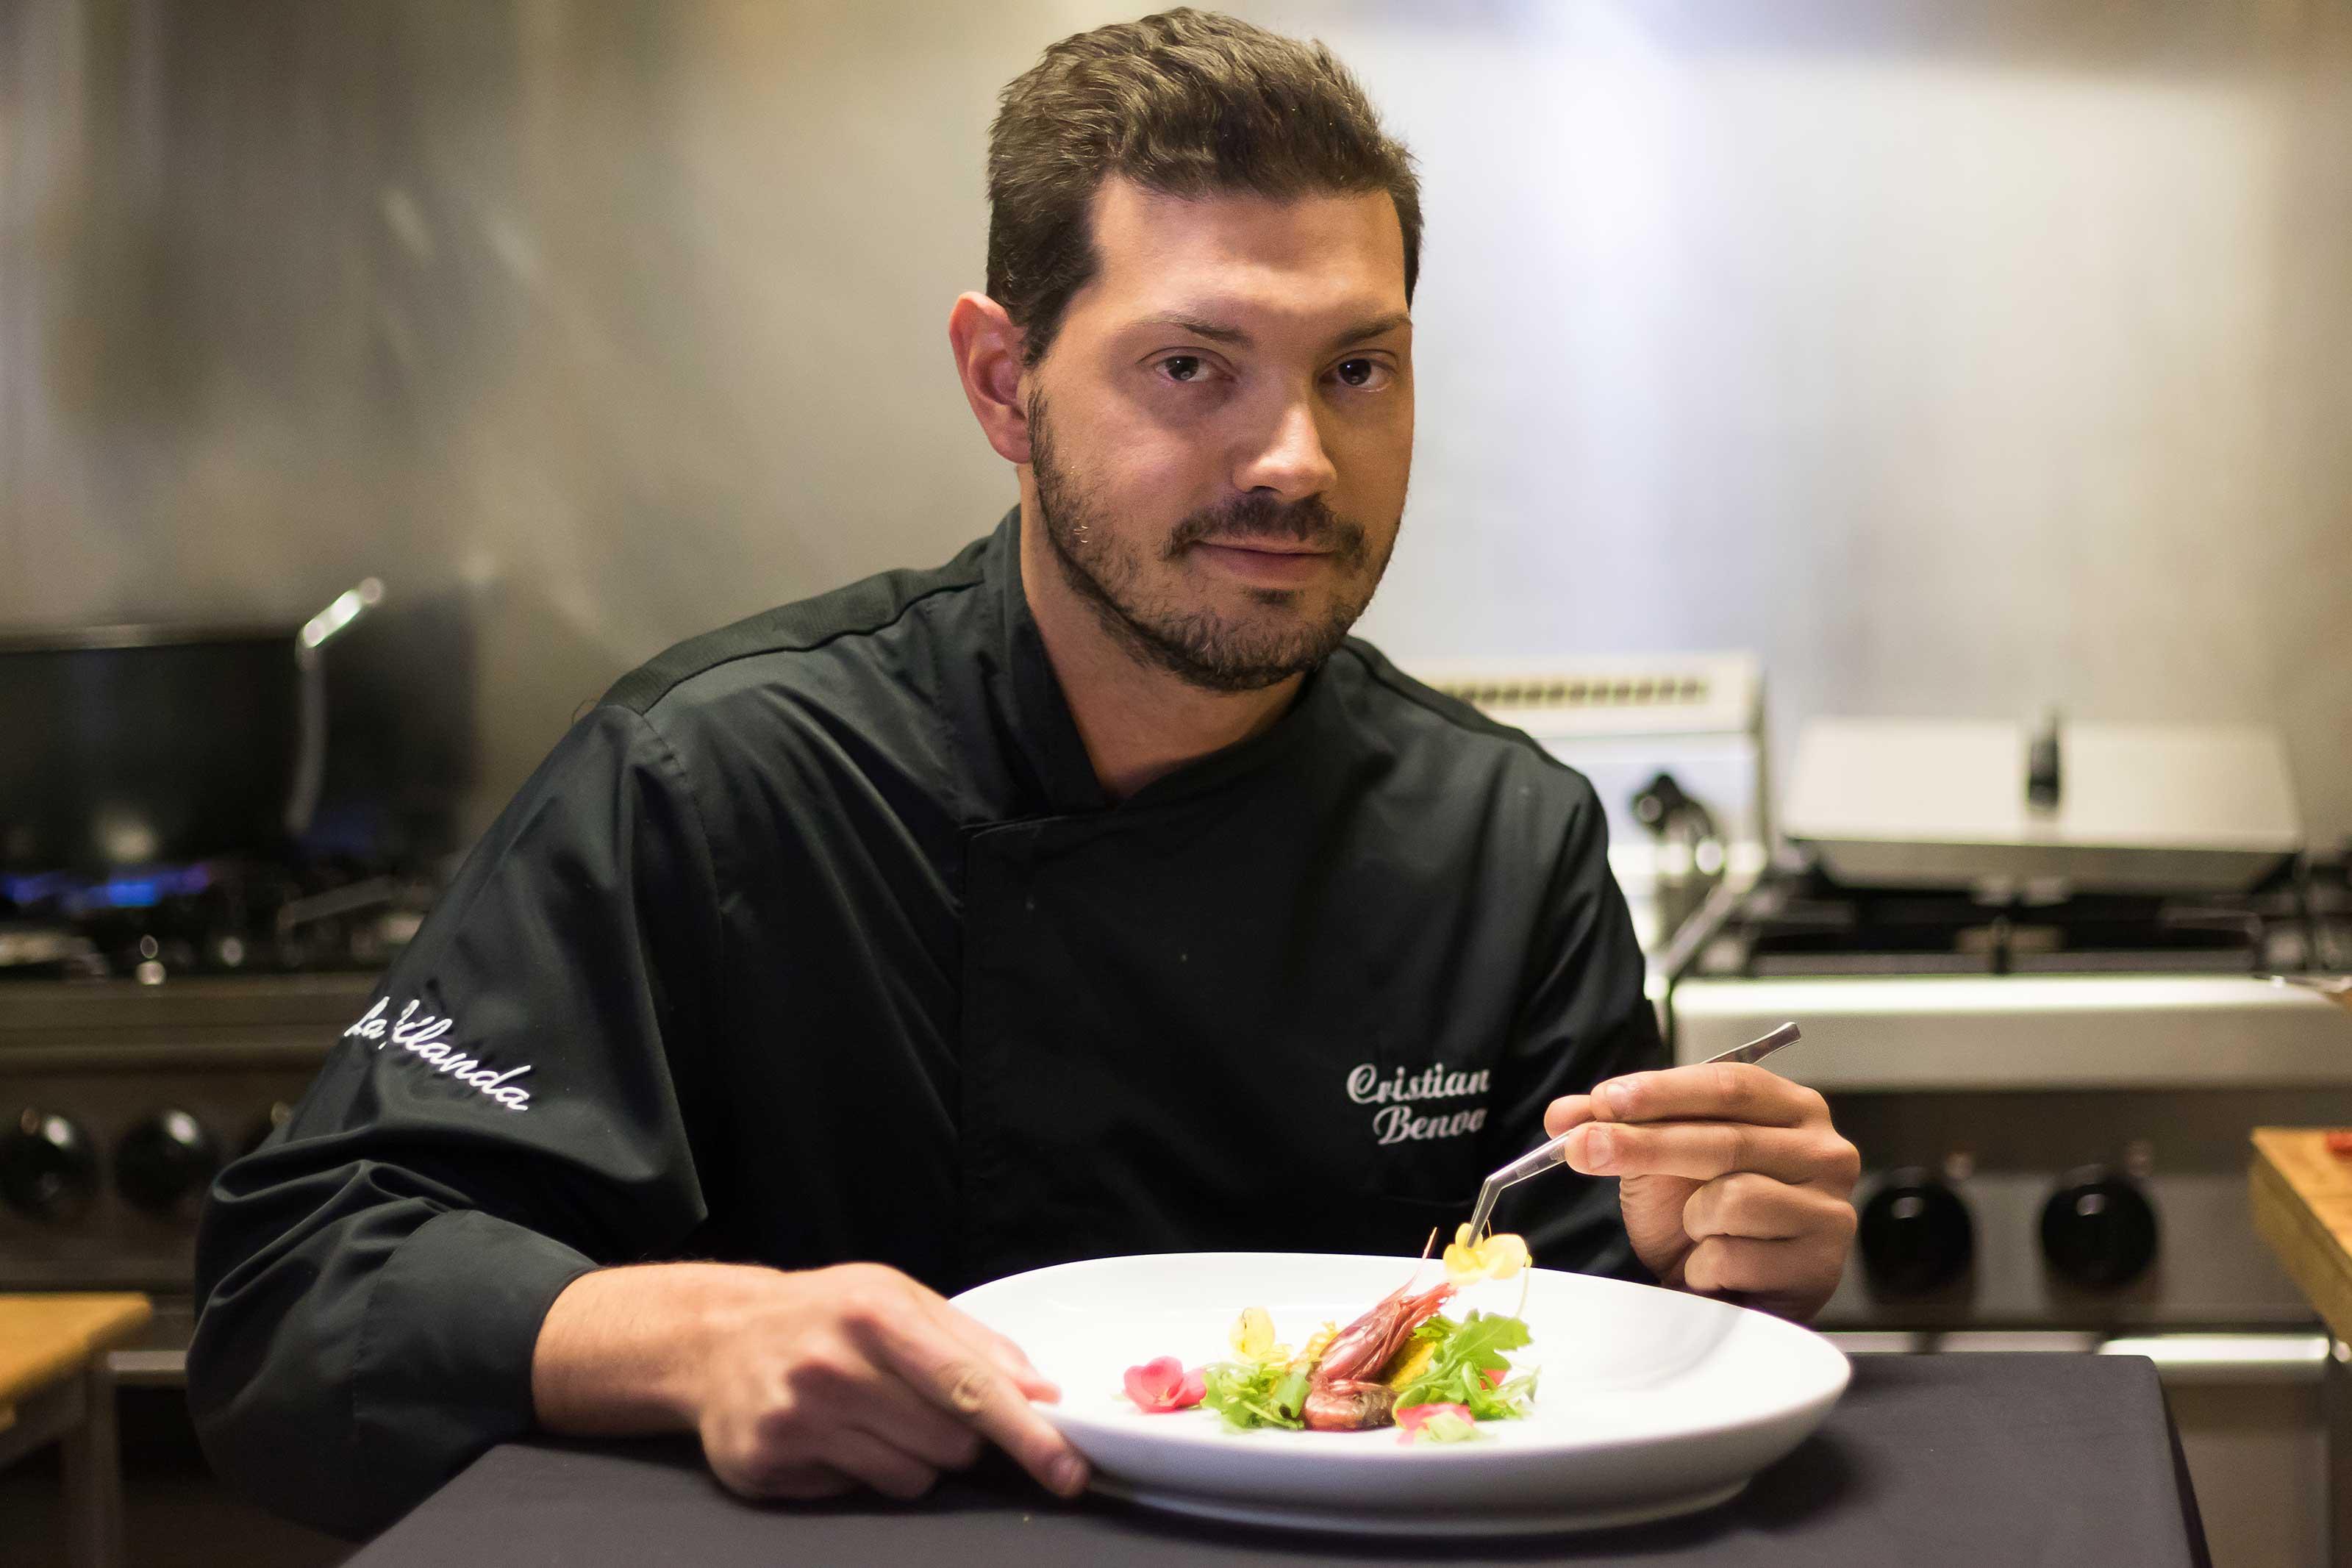 Chef Cristian Benvenuto